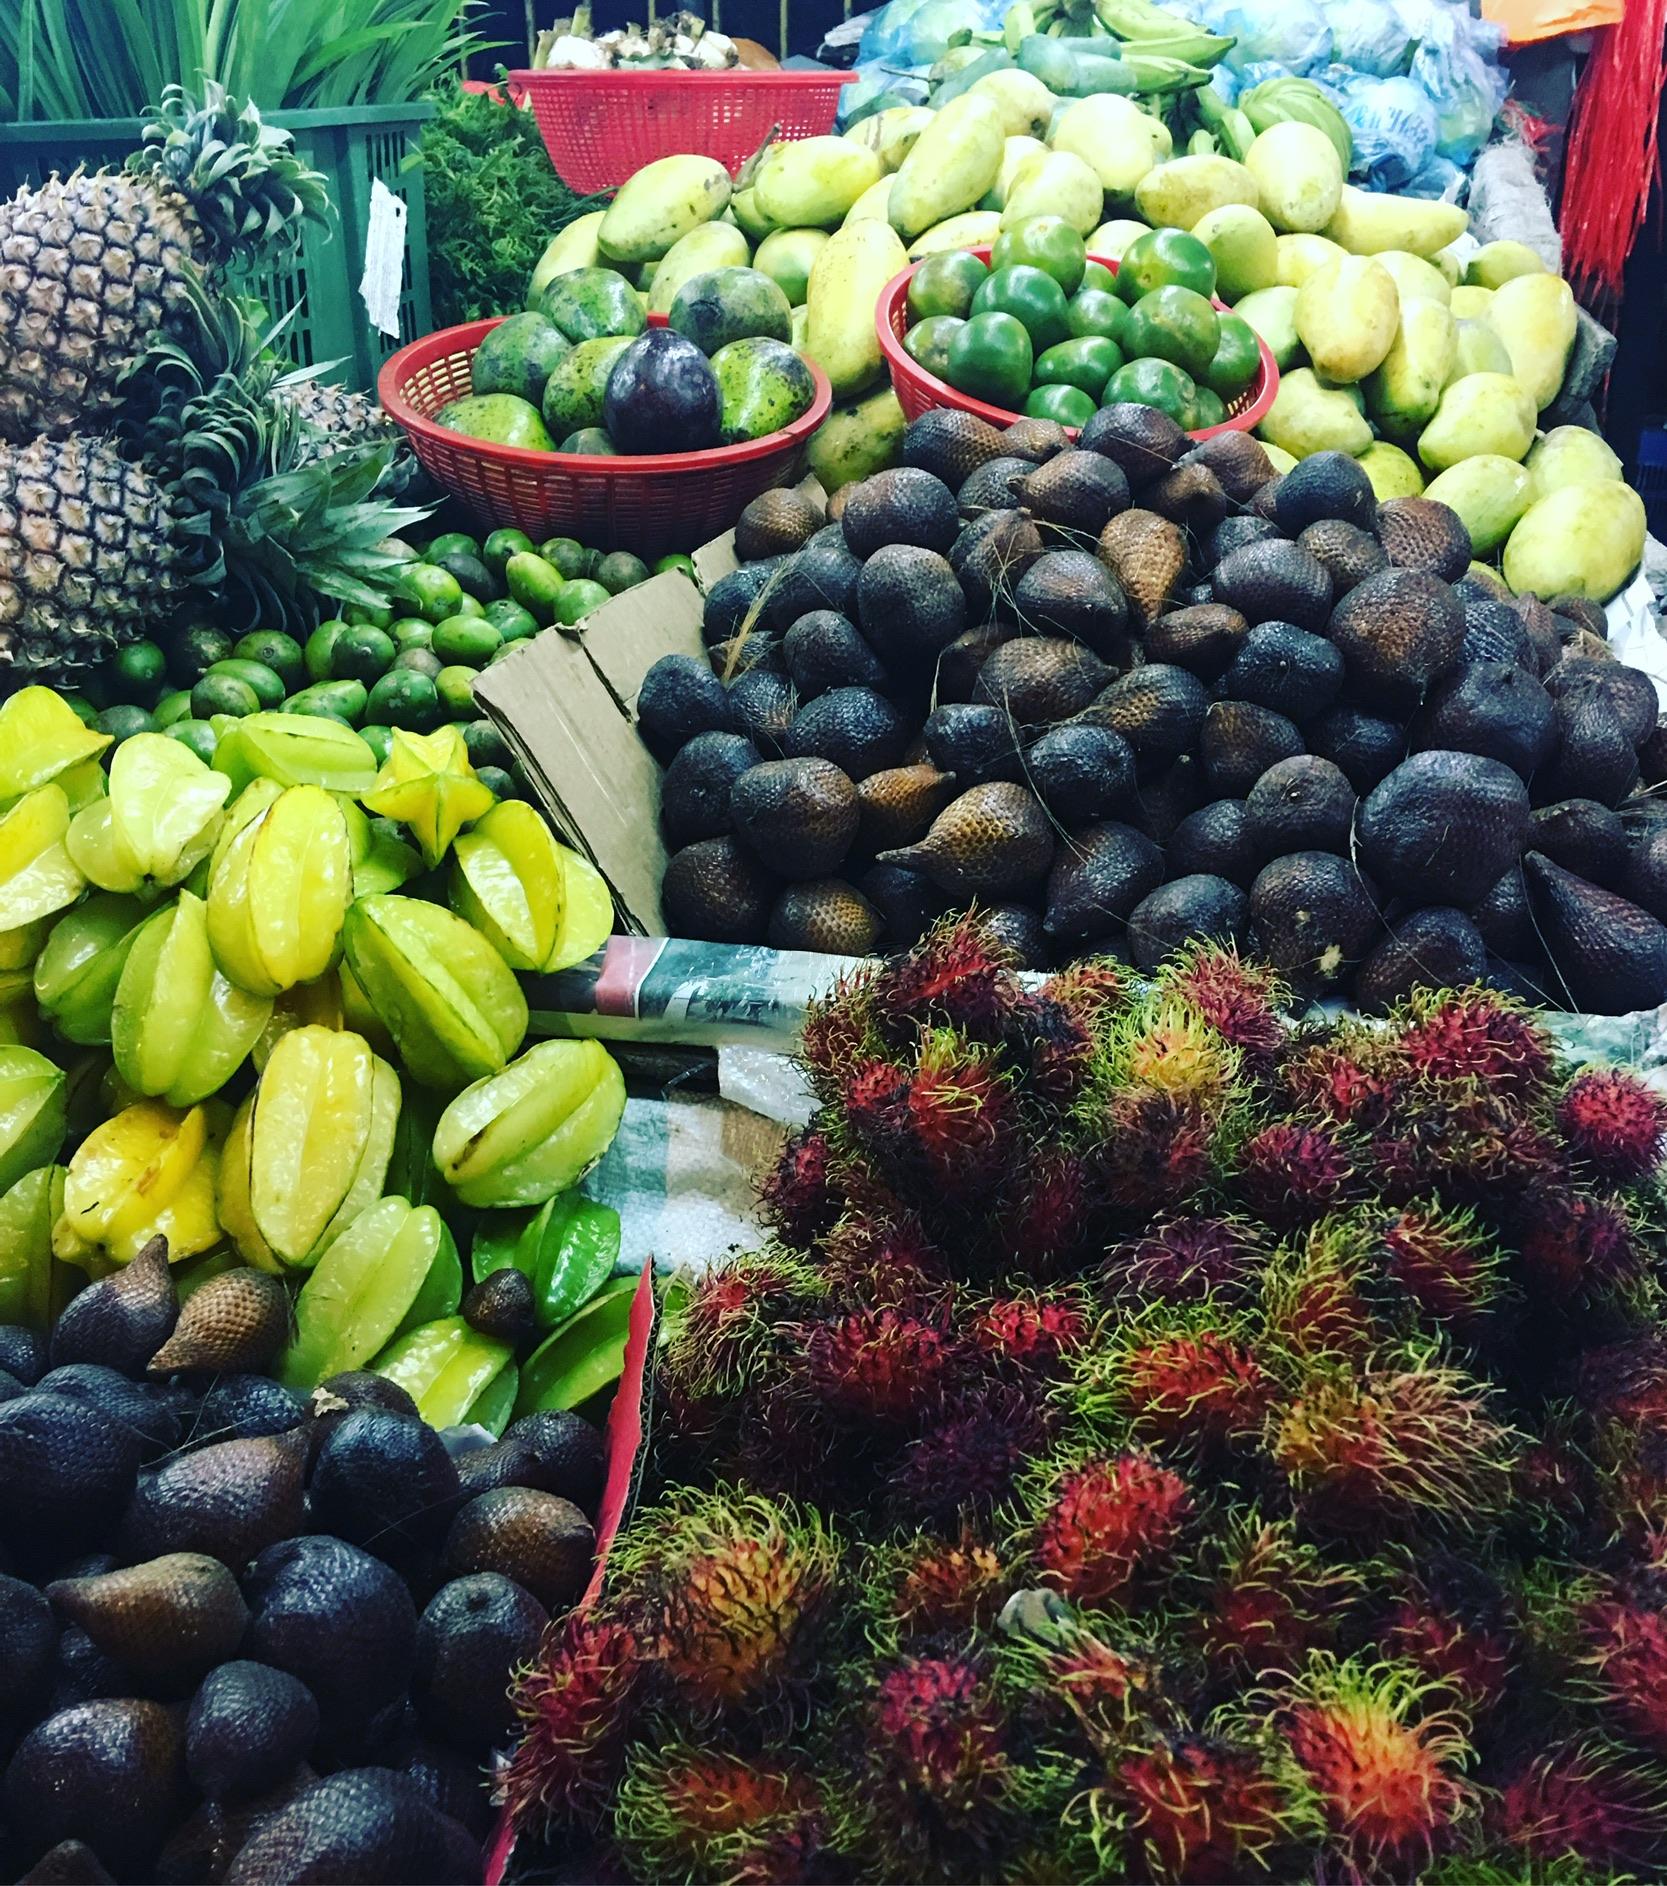 Name those fruits...